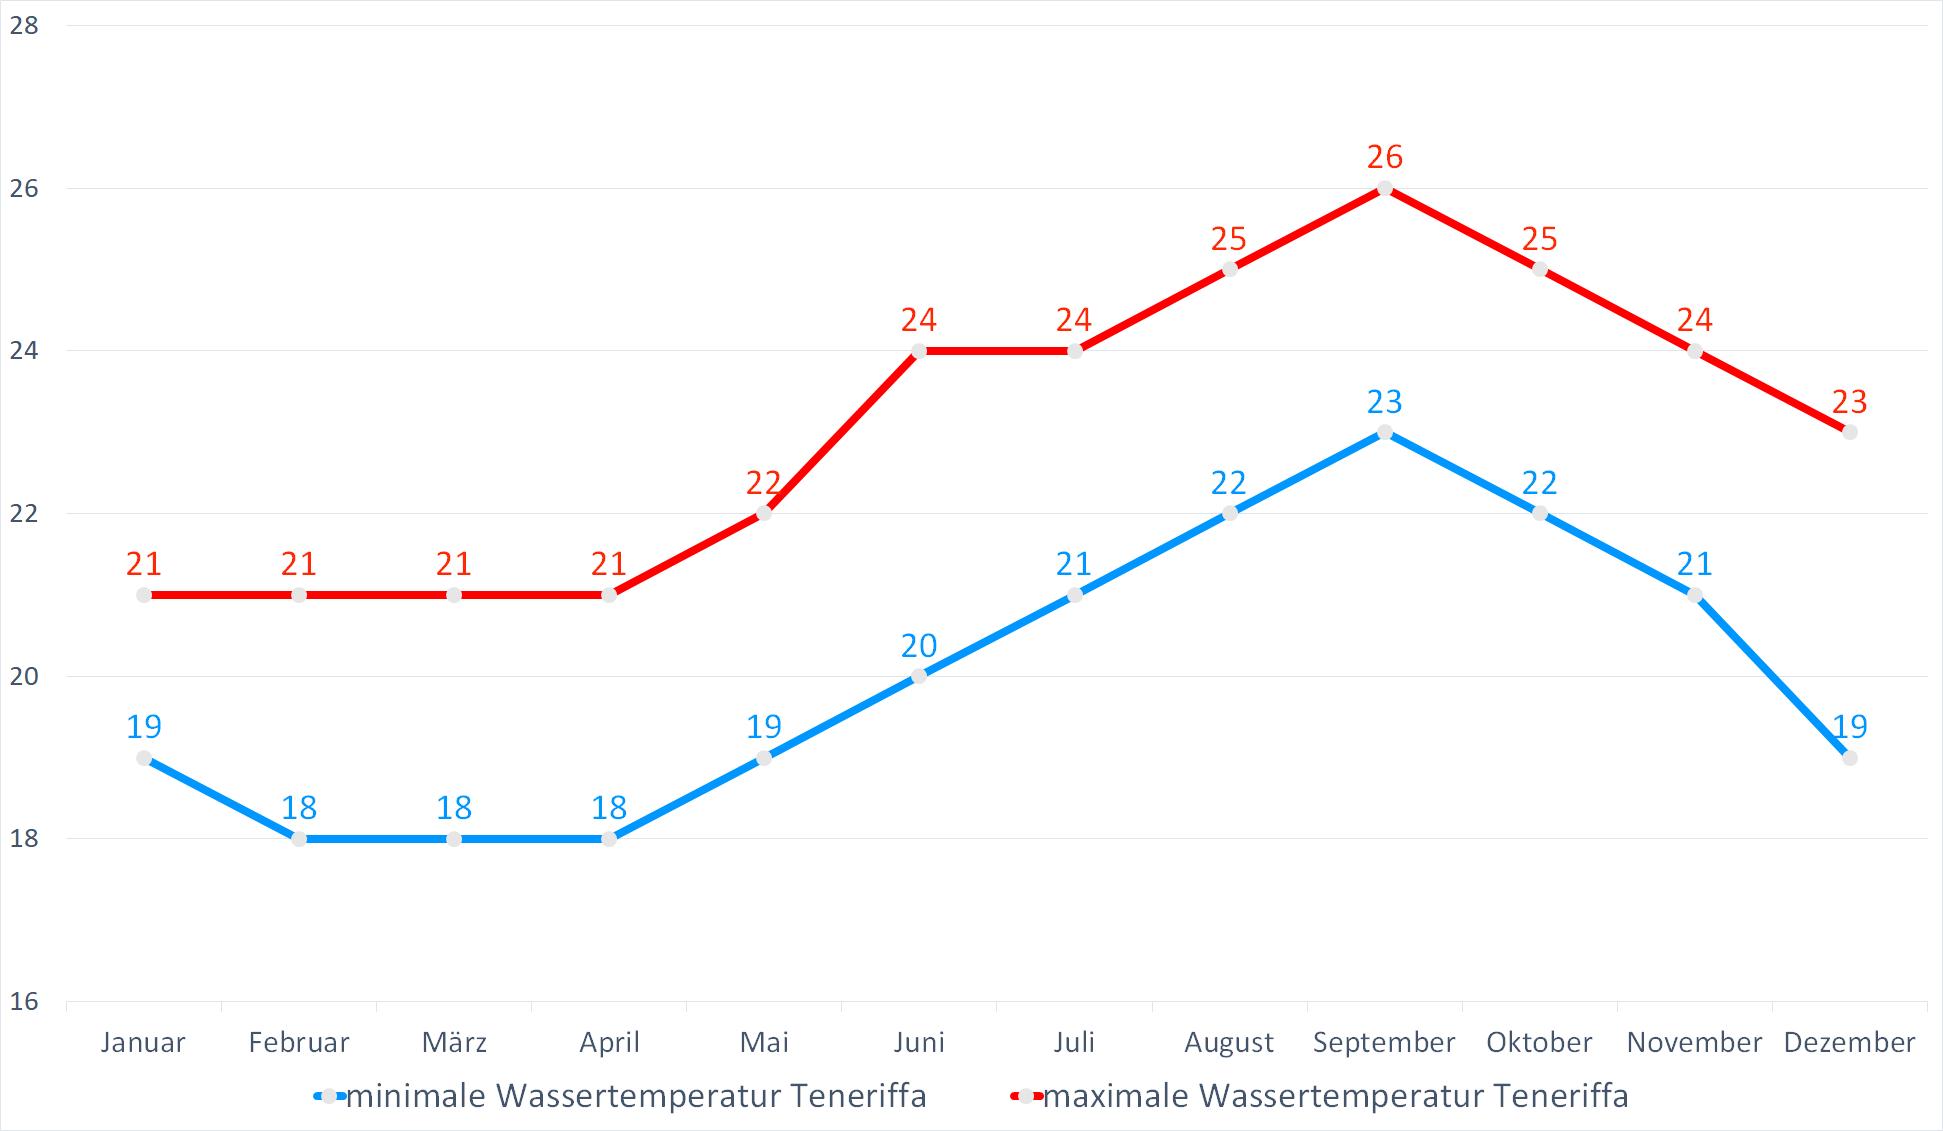 Minimale & Maximale Wassertemperaturen für Teneriffa im Jahresverlauf